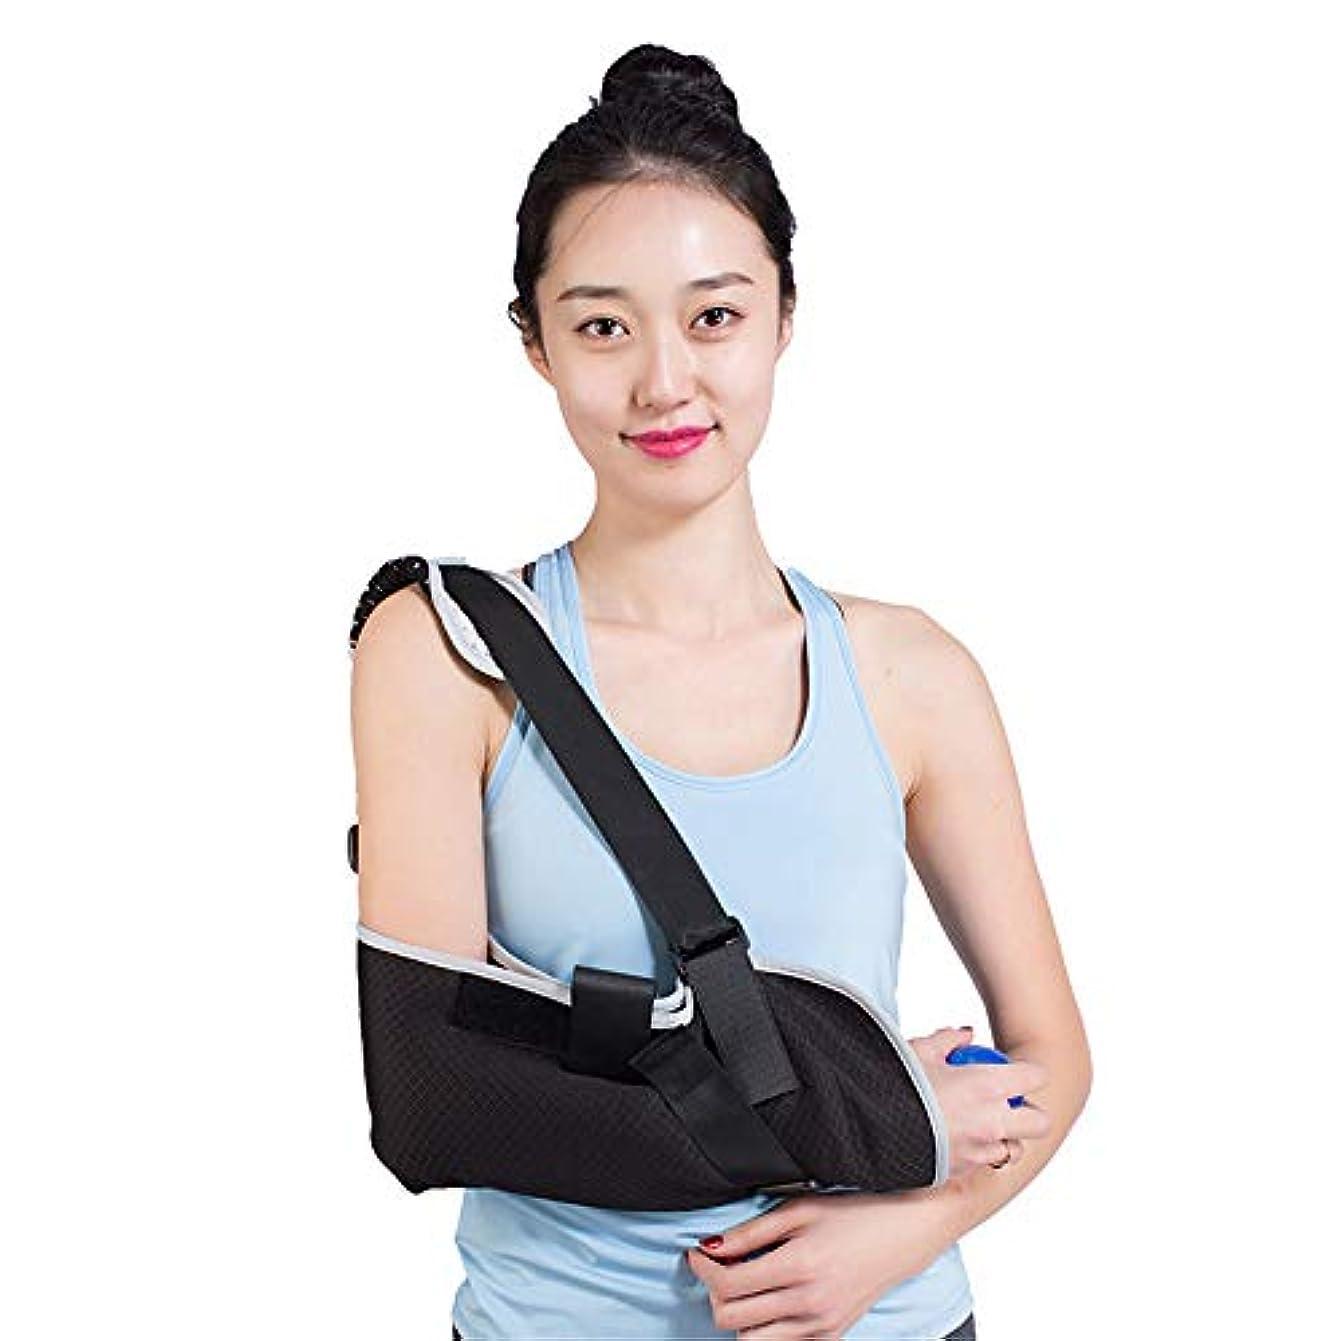 キリンジャンク例アームスリング、ショルダーイモビライザー、壊れたアームイモビライザー用手首肘サポート人間工学的、軽量、通気性メッシュ-男性と女性の両方に適合、フリーサイズ